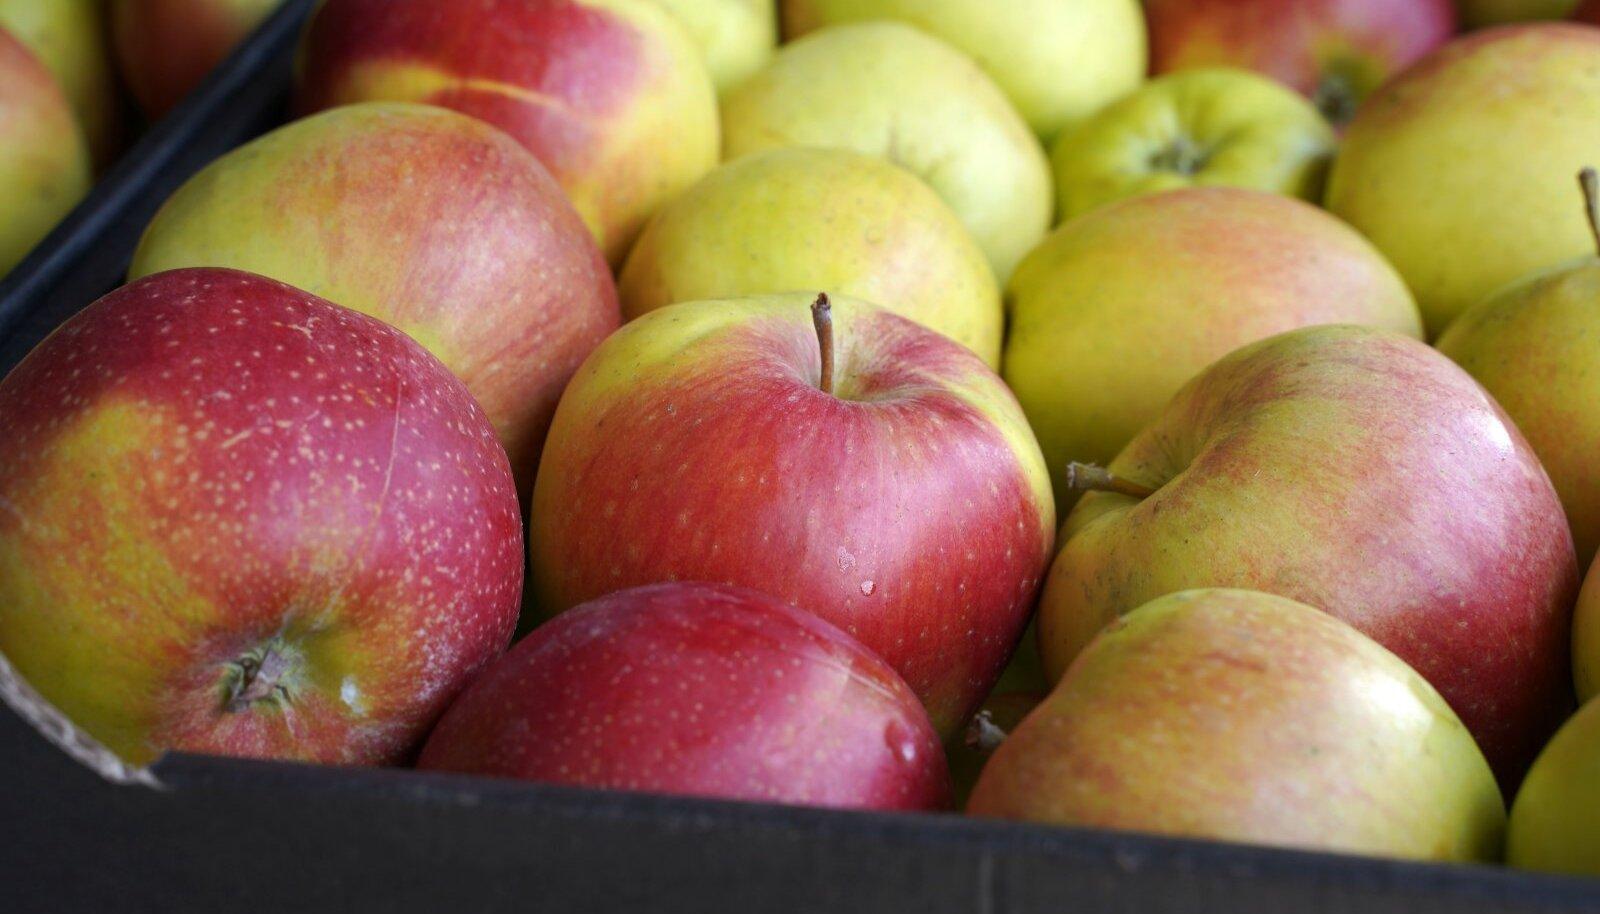 Õunad säilivad kõige paremini ühekordse kihina kastidesse laotult.